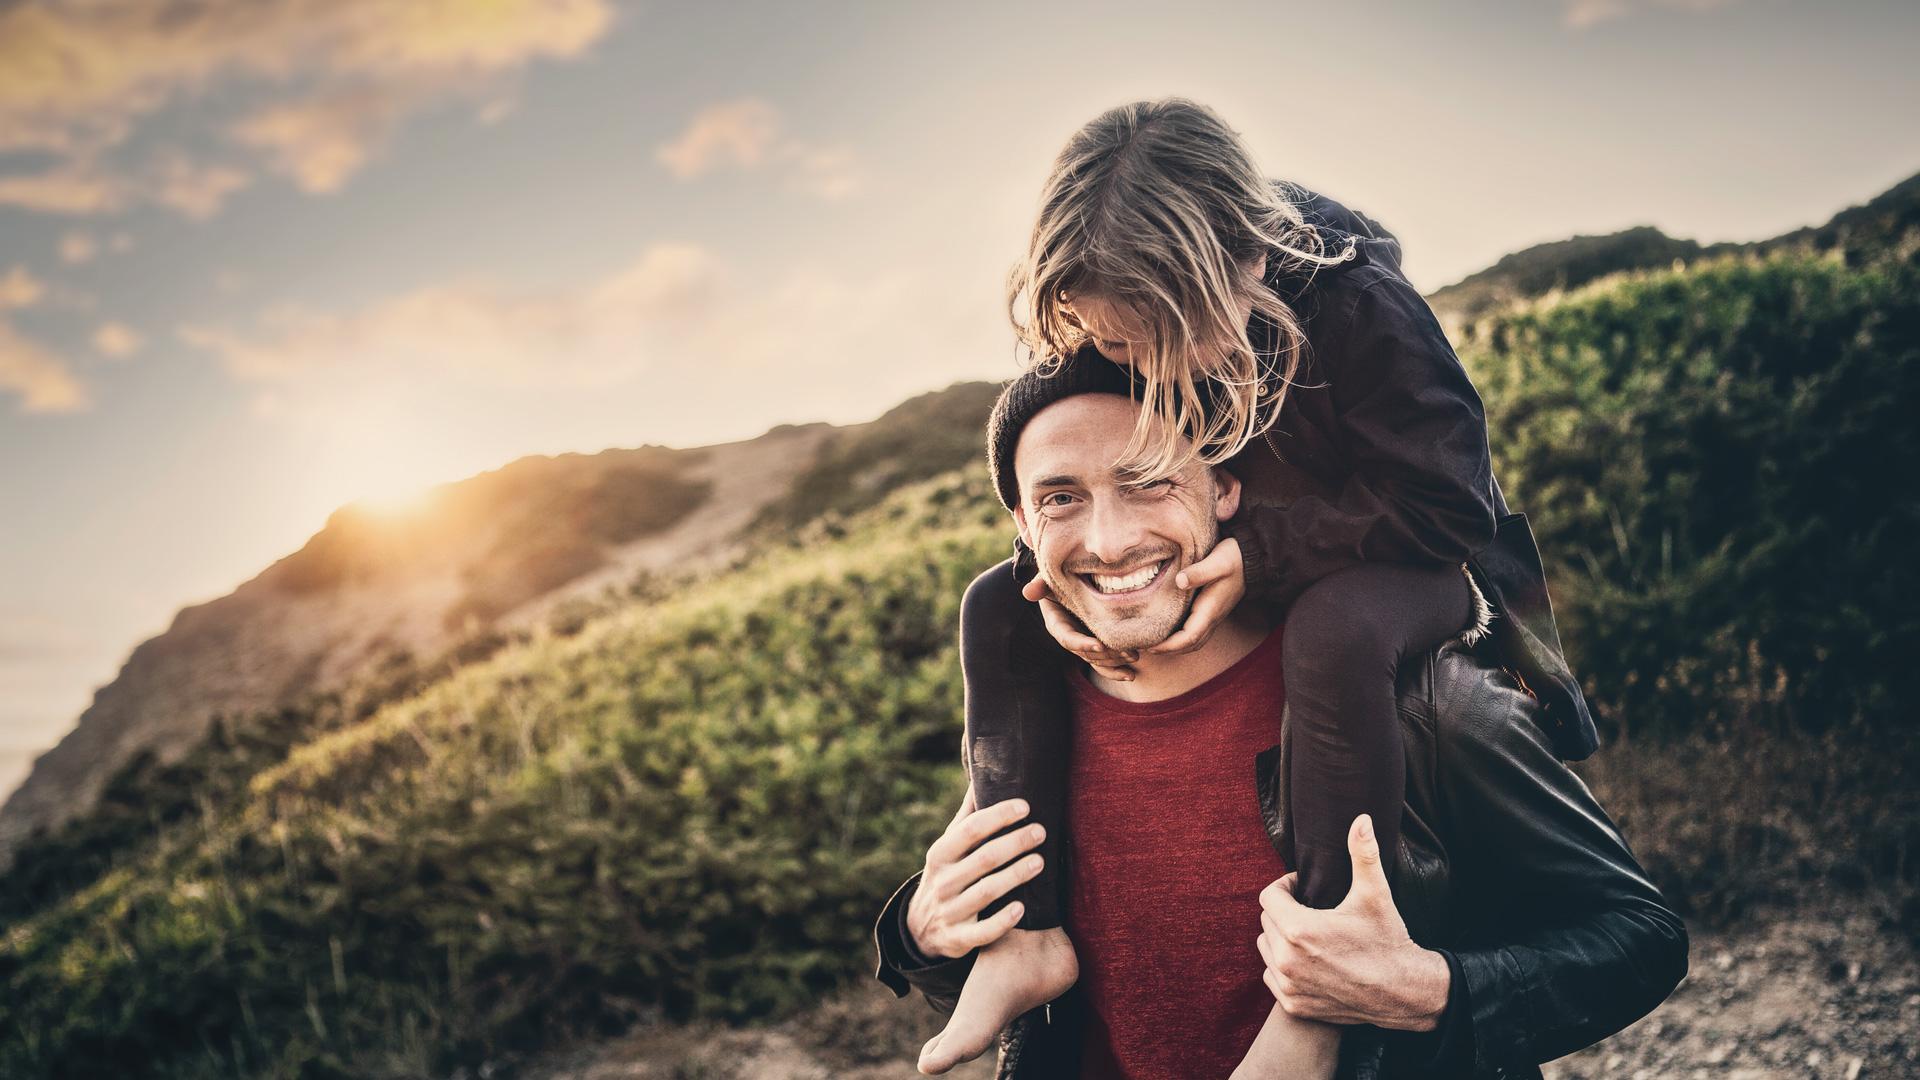 Ein Vater trägt seine kleine Tochter auf den Schultern, im Hintergrund sieht man einen begrünten Hang.